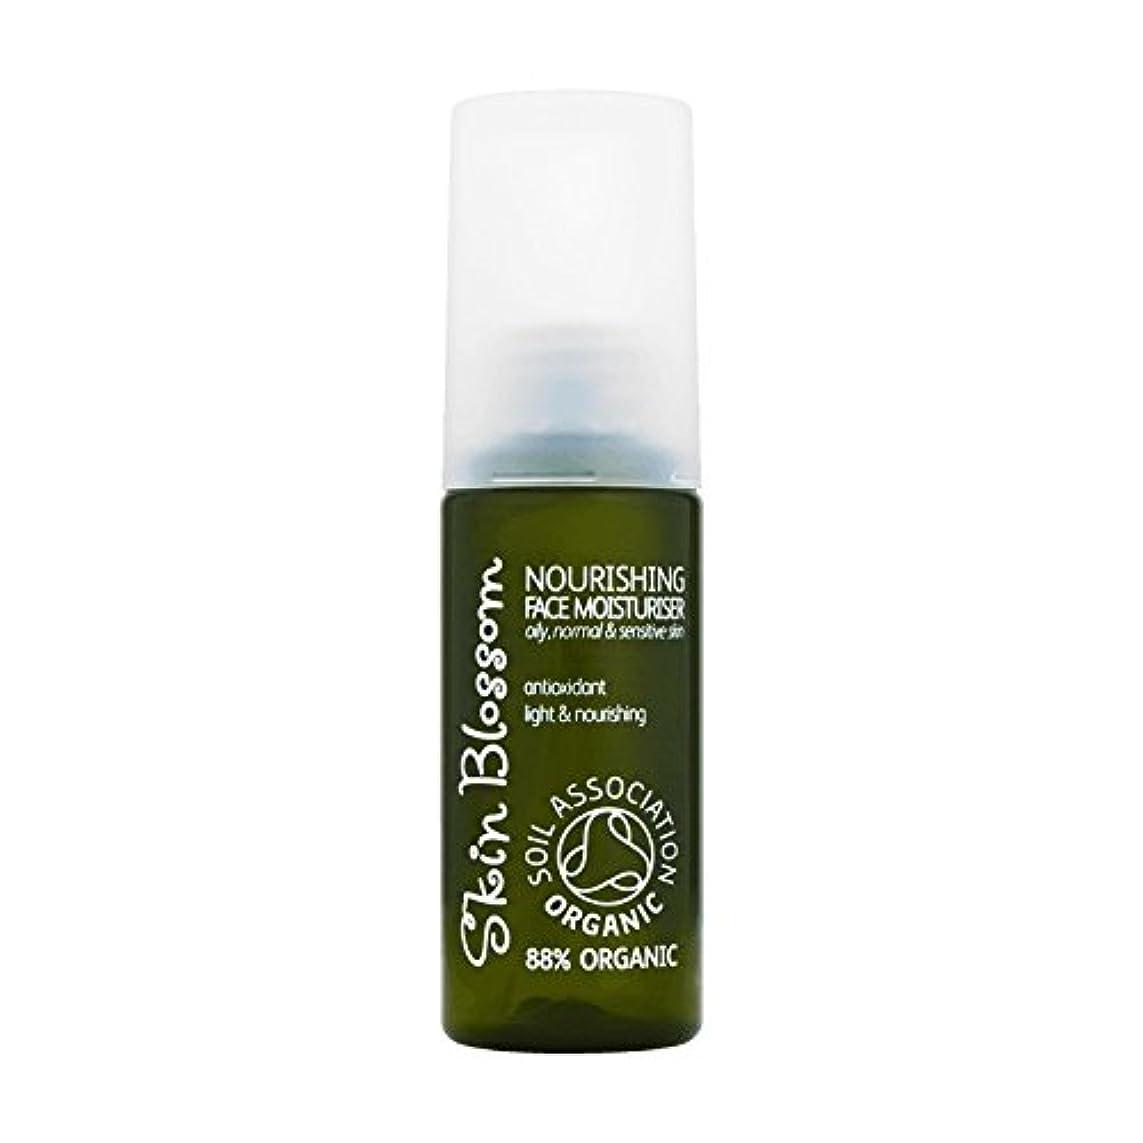 週間実際に寛大さSkin Blossom Nourishing Face Moisturiser 50ml (Pack of 6) - 皮膚の花栄養顔の保湿クリーム50Ml (x6) [並行輸入品]